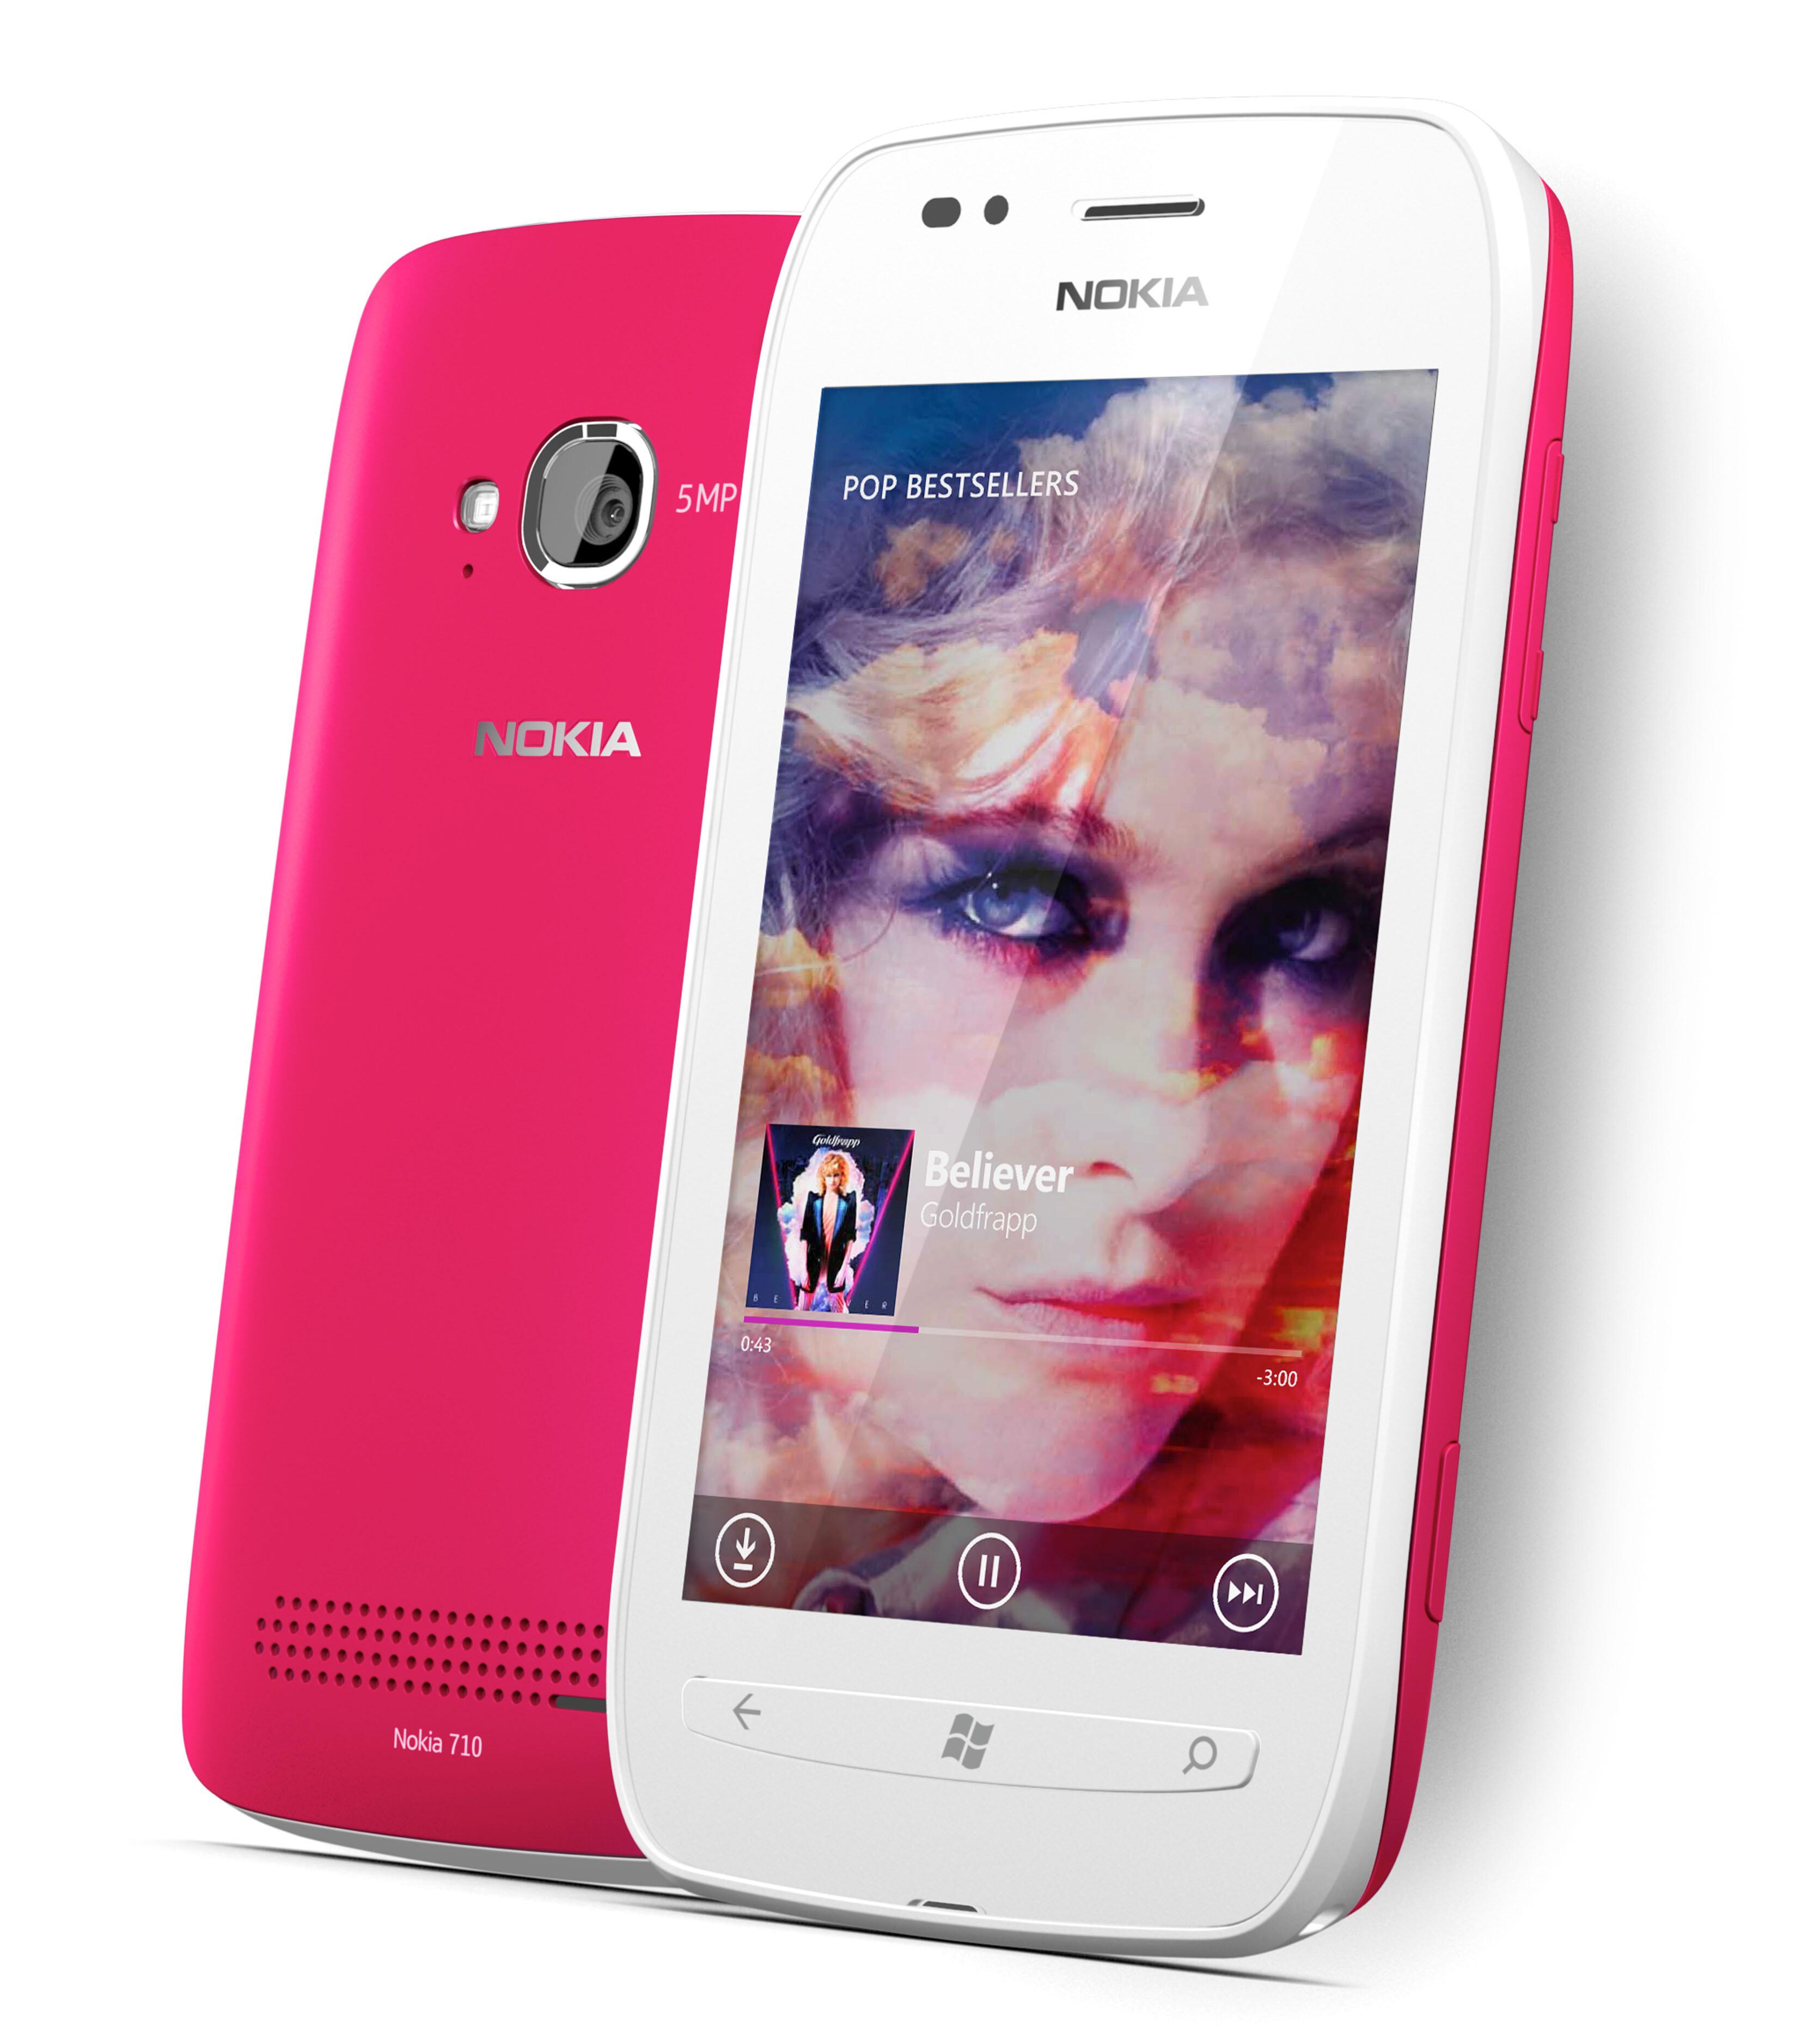 Download Nokia Lumia 710 Games Free